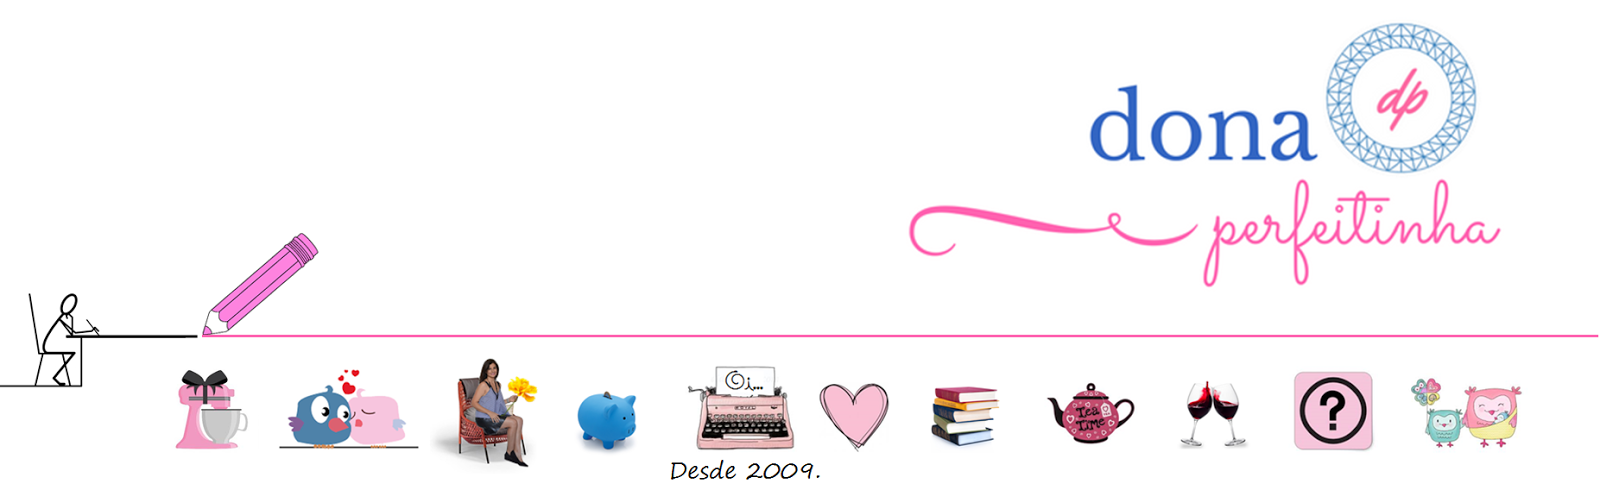 Dona Perfeitinha - Blog de dicas domésticas, reflexões para a vida & receitas